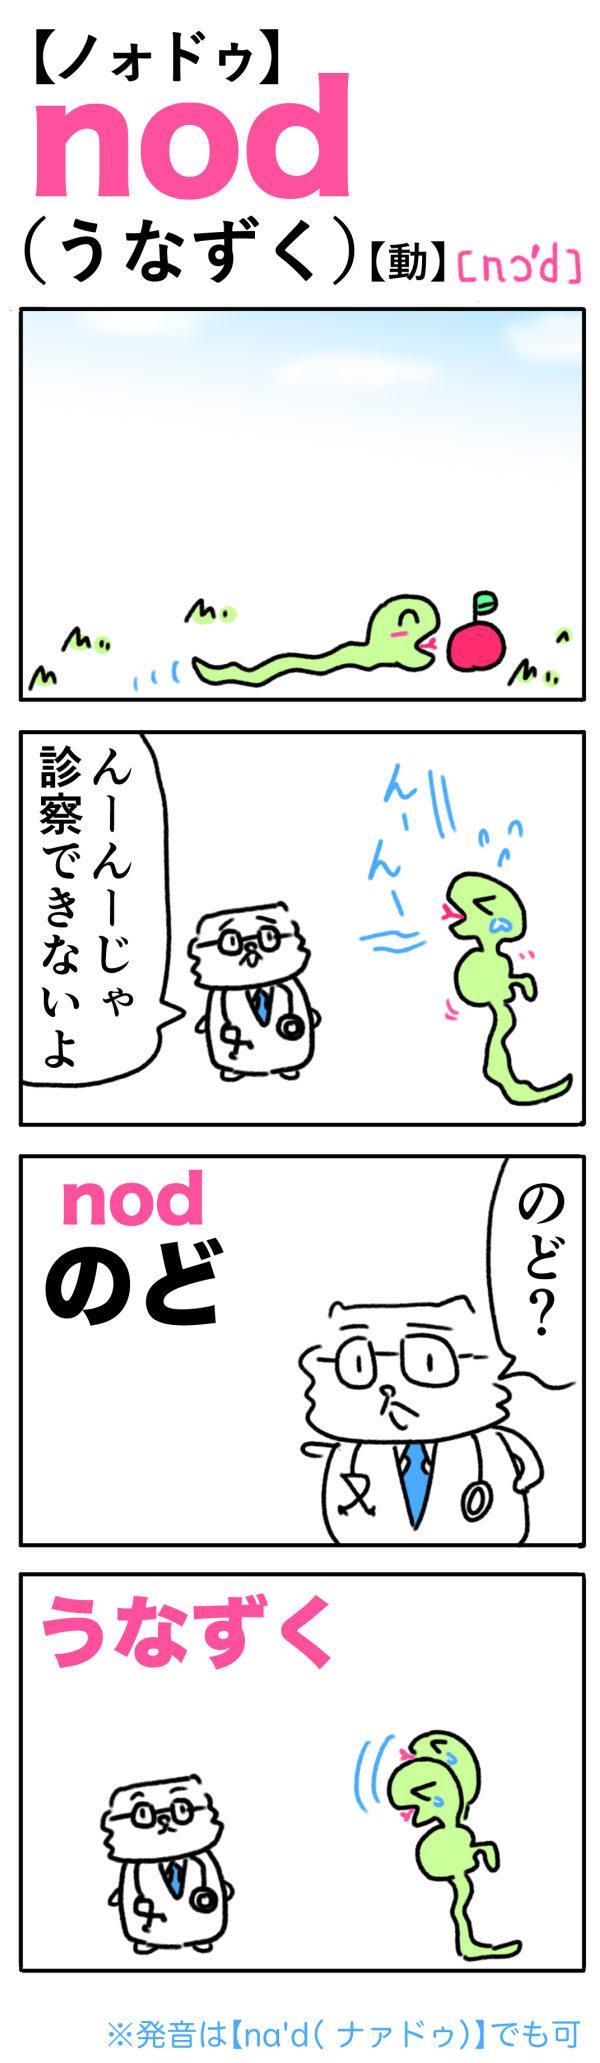 nod(うなずく)の語呂合わせ英単語